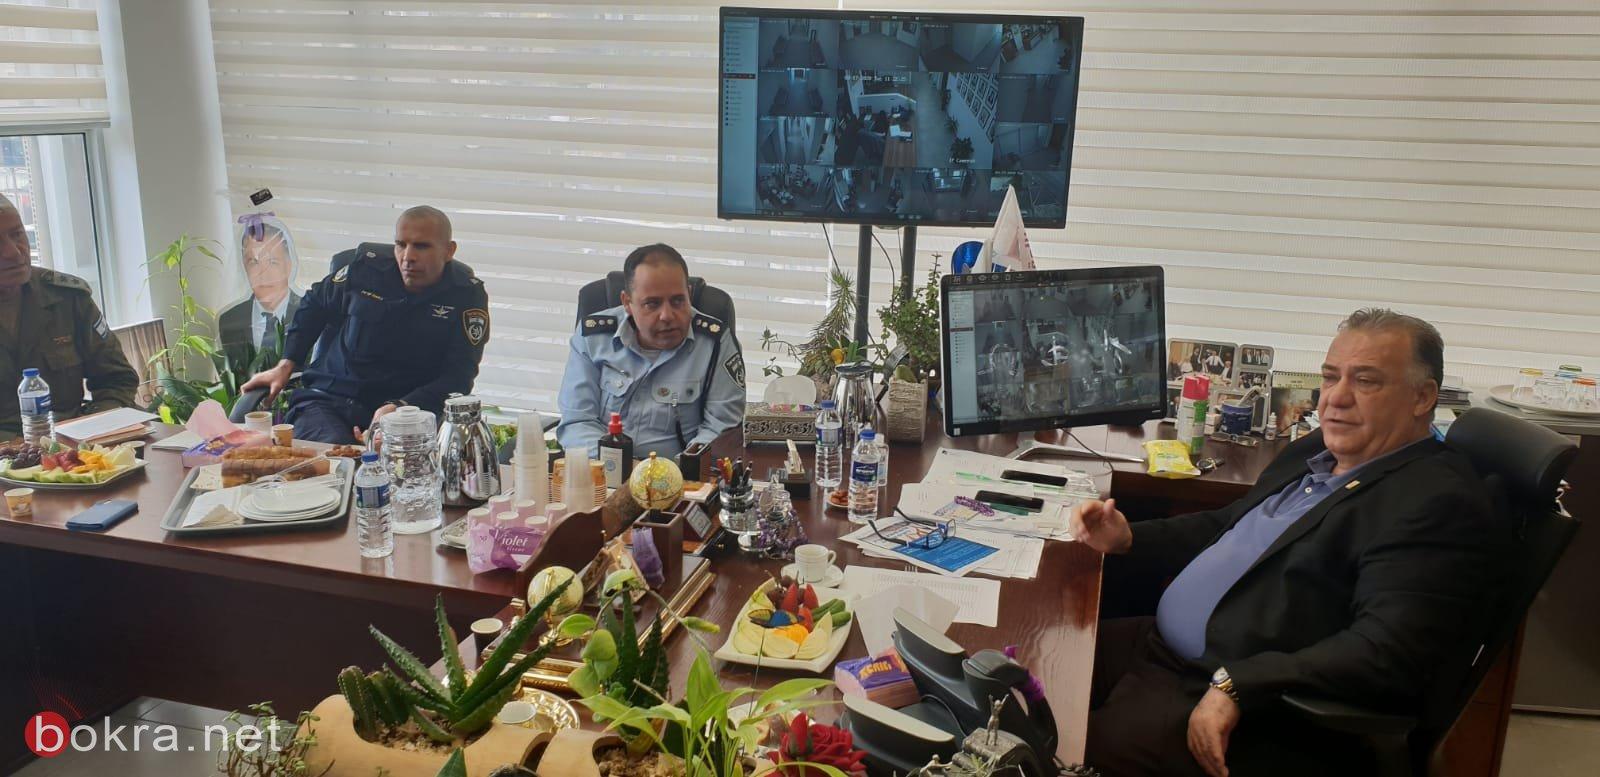 جلسة عمل مع قيادة الشرطة وقائد الجبهة الداخلية في بلدية الناصرة-3